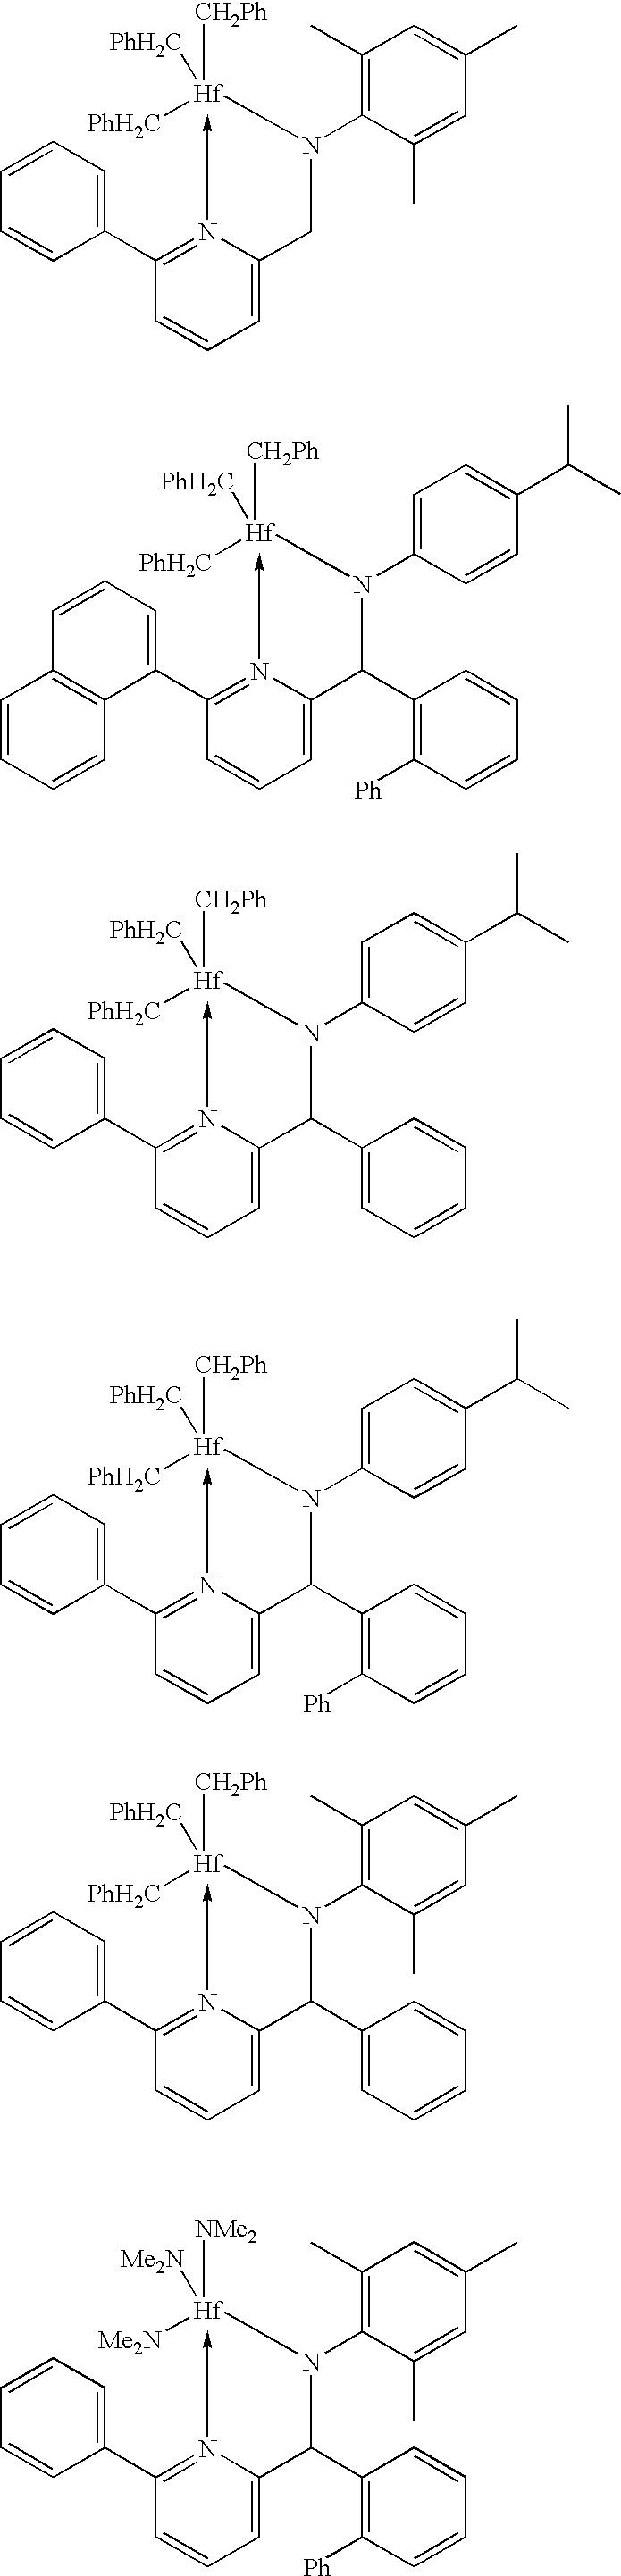 Figure US06900321-20050531-C00061